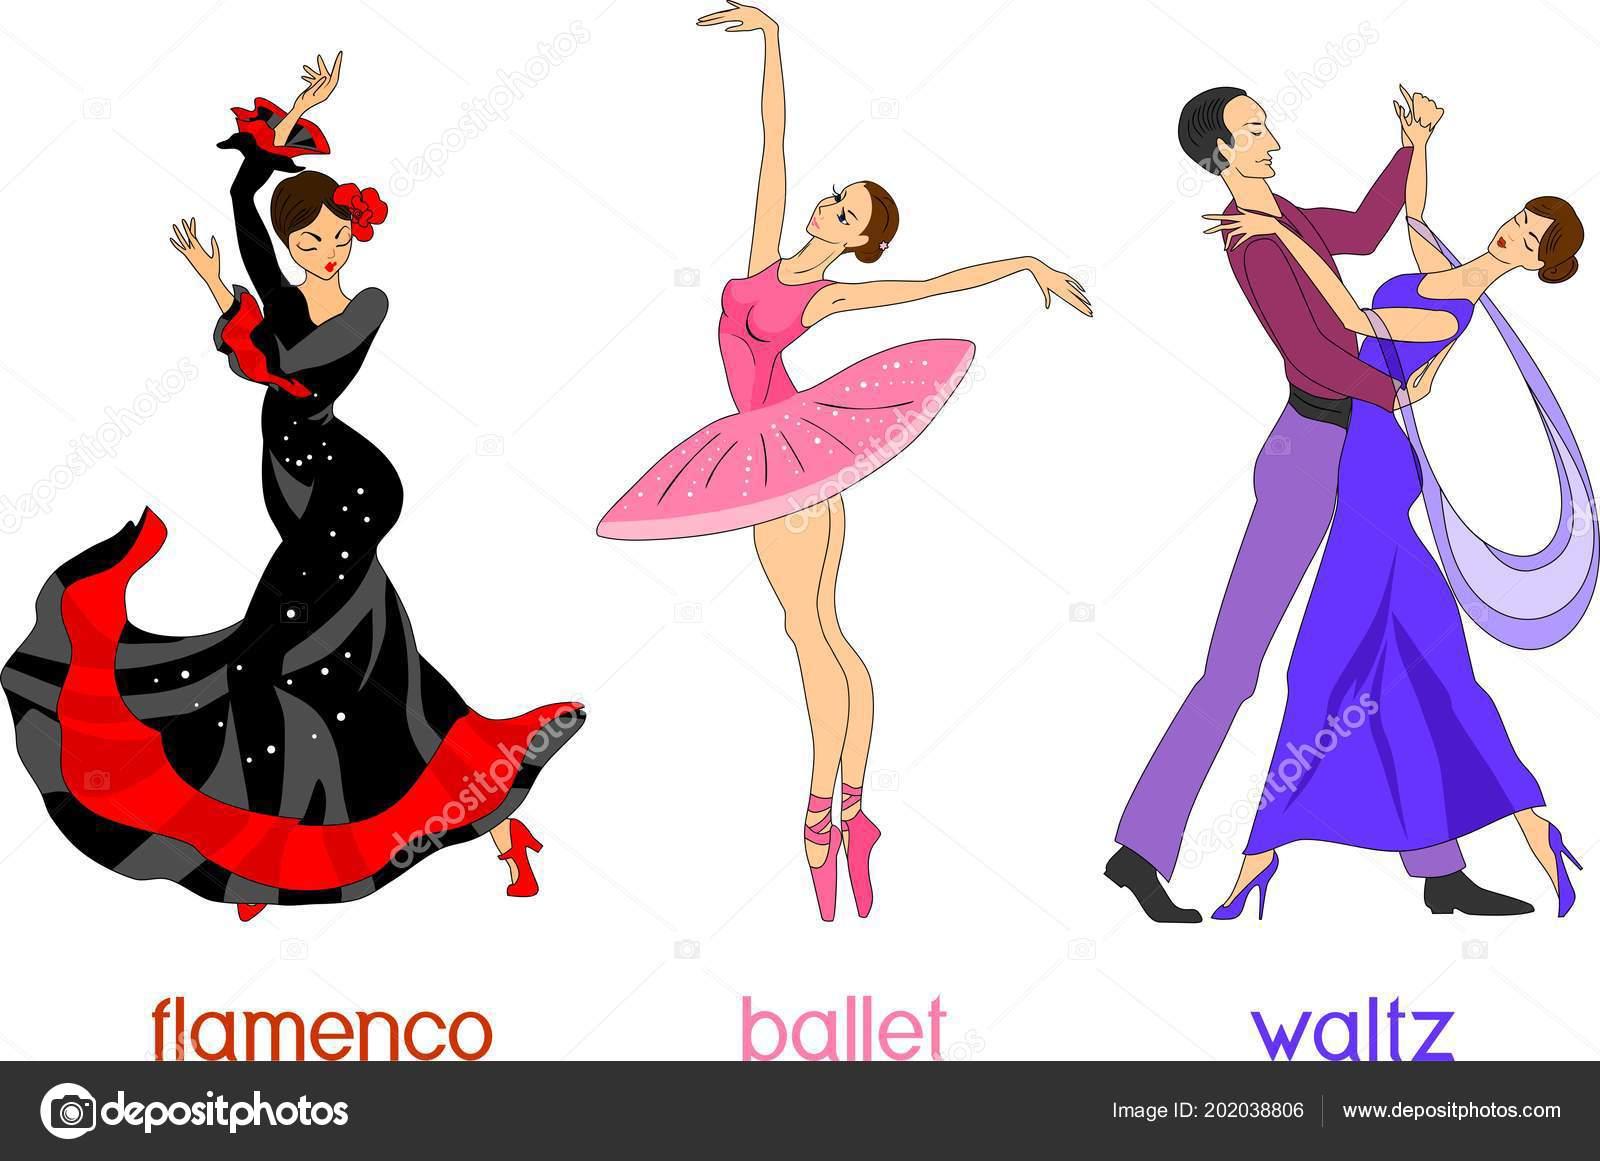 Tres Diferentes Estilos Danza Estilo Dibujos Animados Sobre